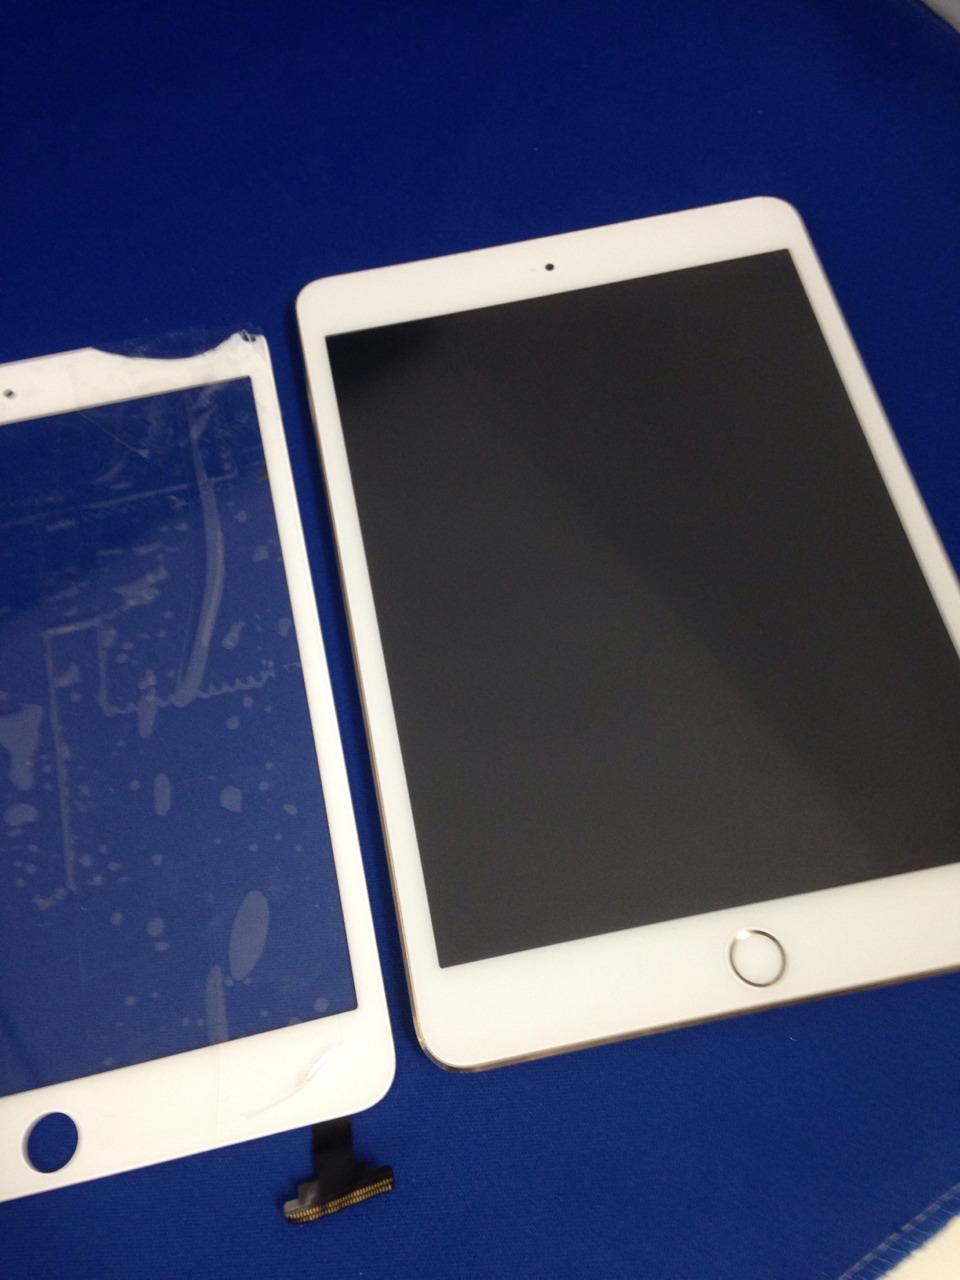 iPad mini3を落としてしまいガラスが割れてしまった。ガラス修理交換